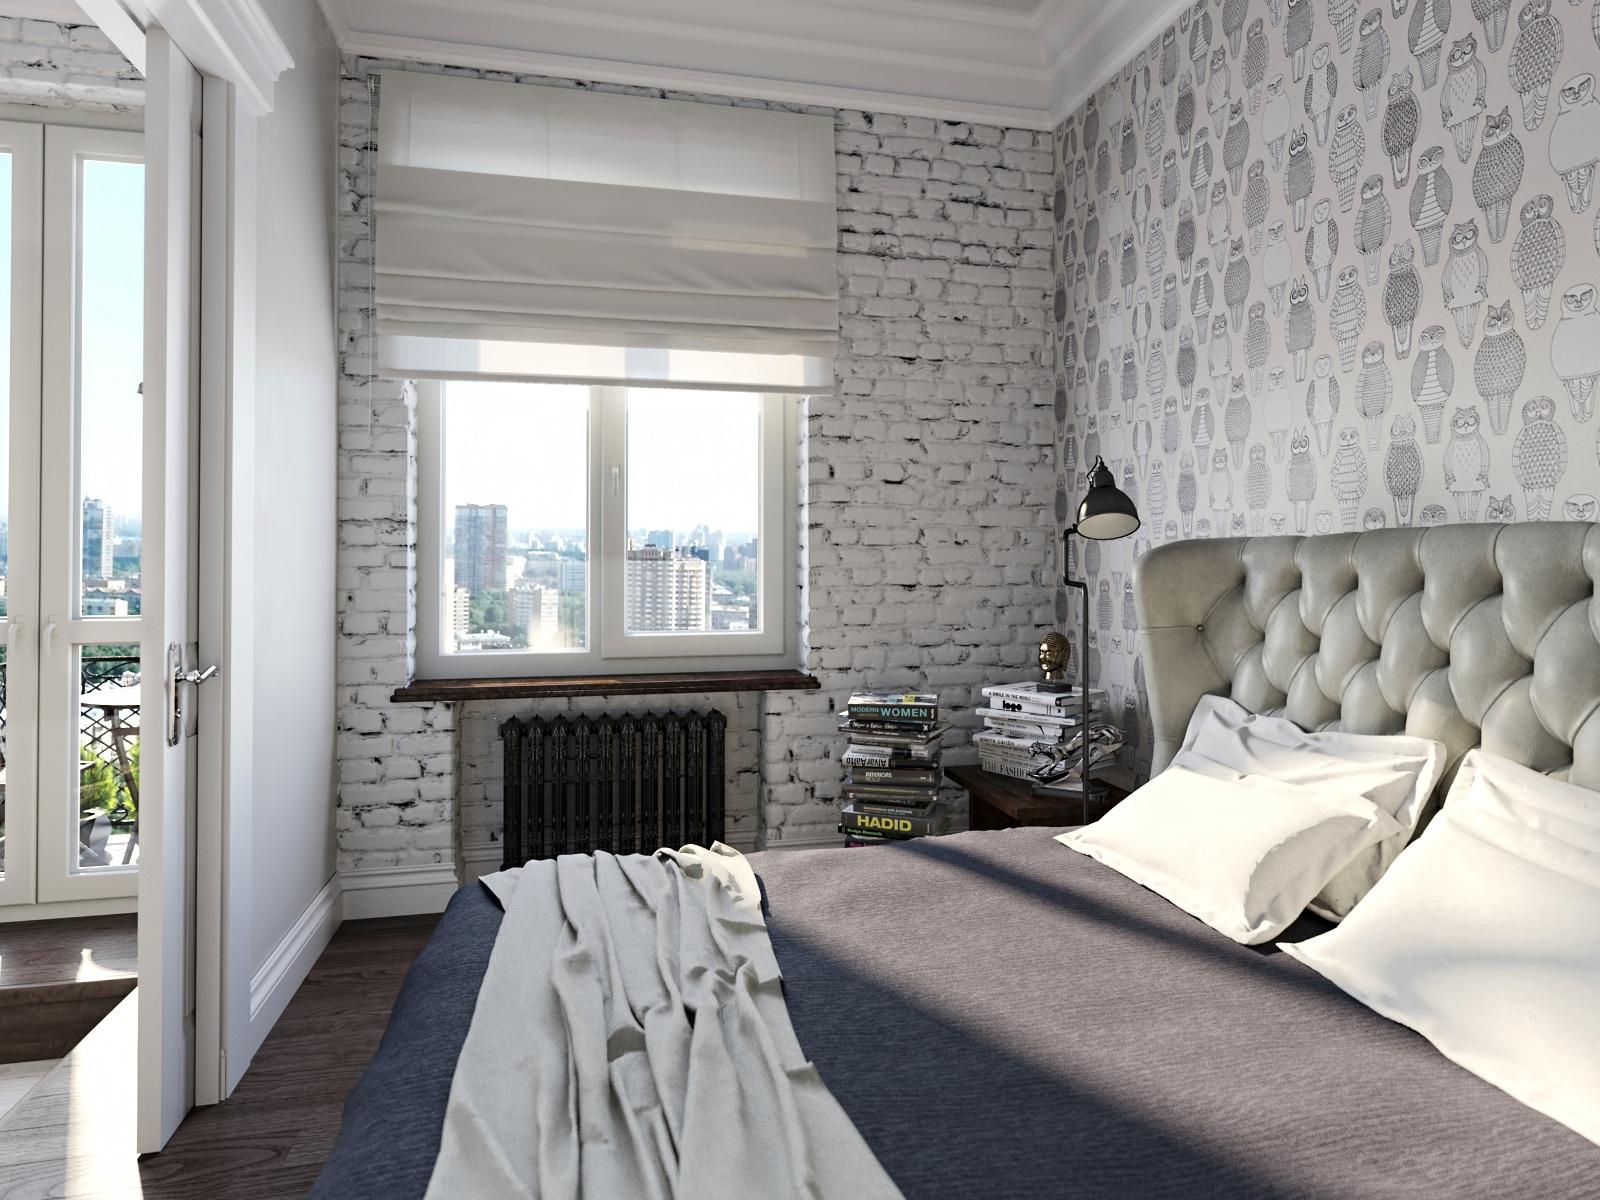 ورق حائط لغرف النوم ملون ومشجر